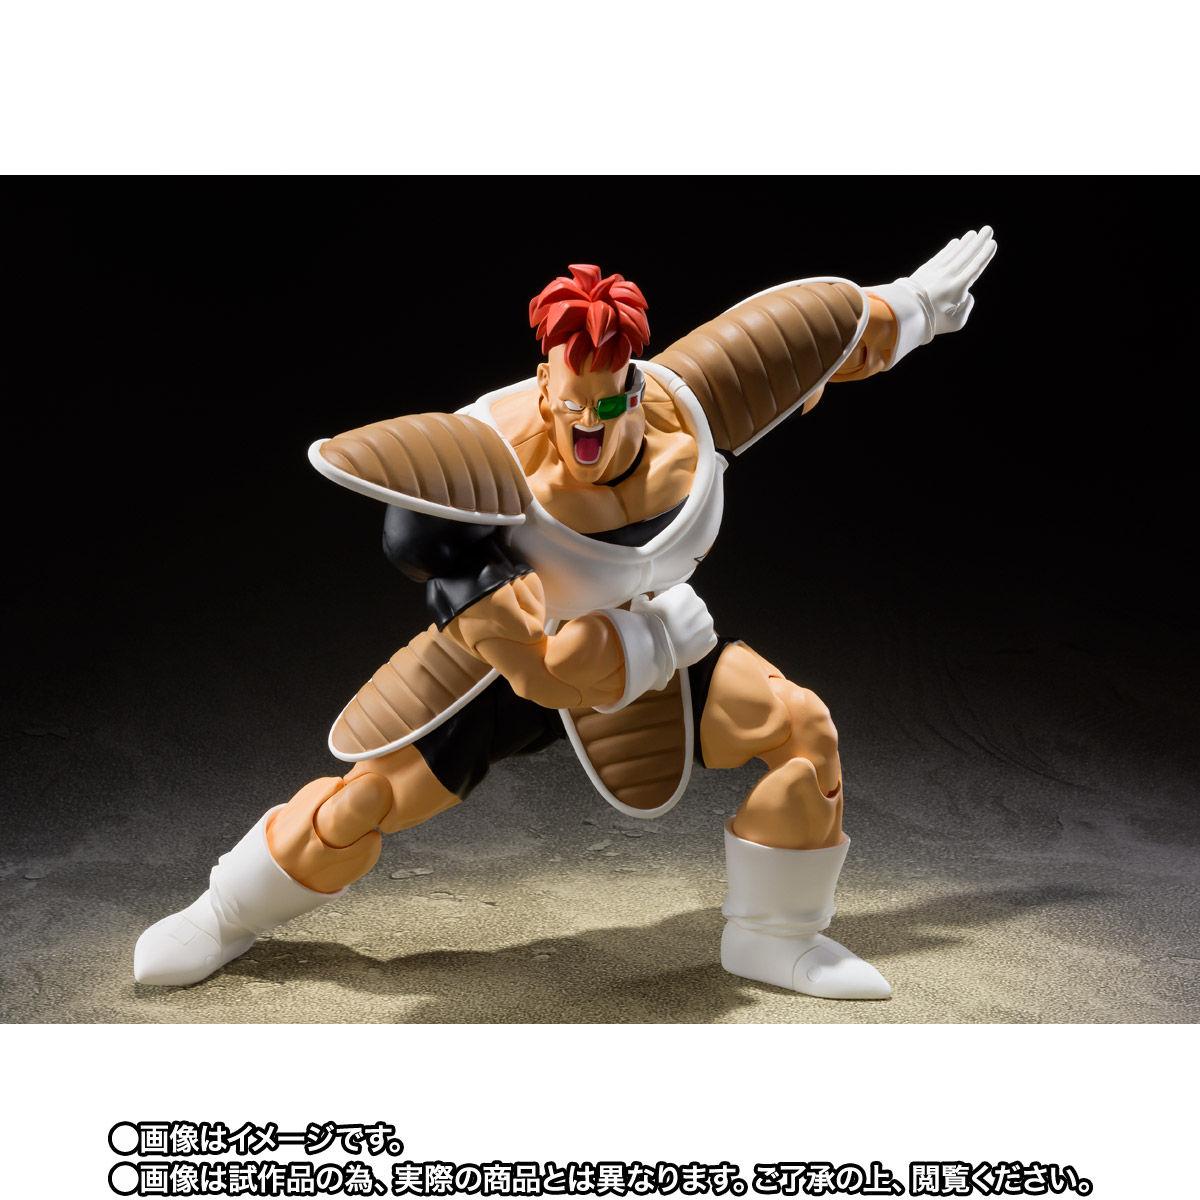 【限定販売】S.H.Figuarts『リクーム』ドラゴンボールZ 可動フィギュア-004